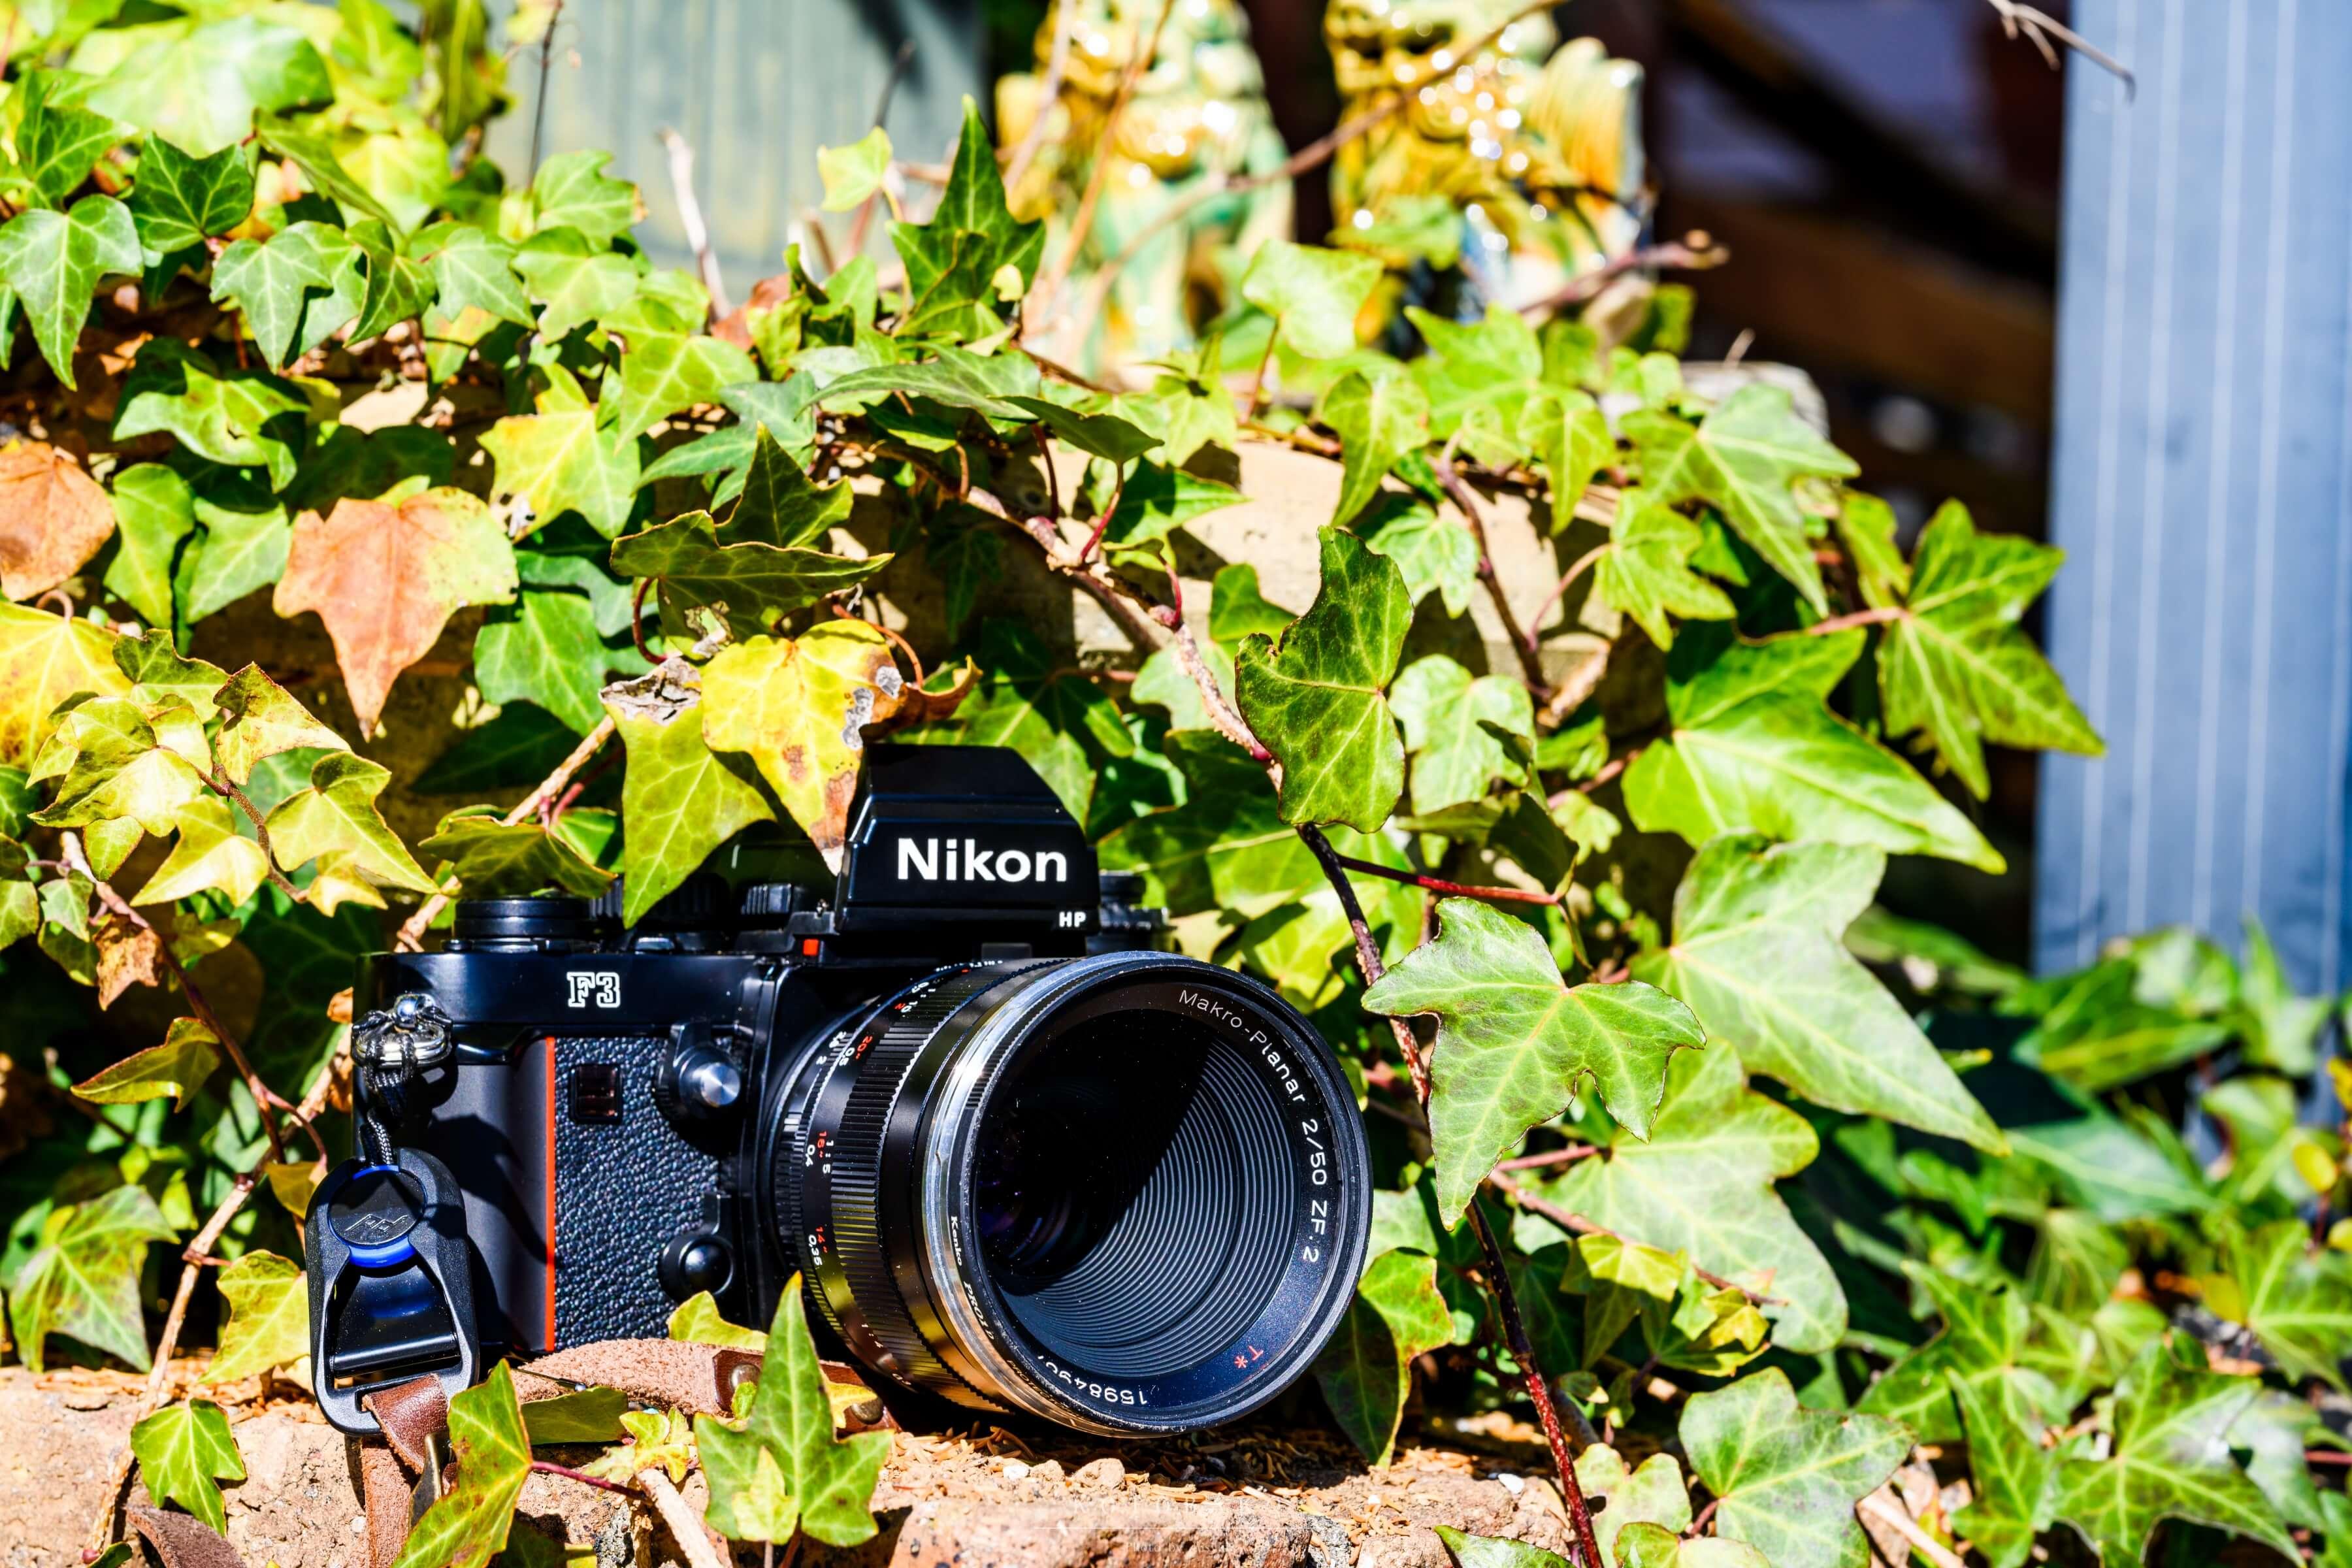 【作例写真】Nikon F3 レビュー!フィルム写真が楽しくなるFマウントフィルム一眼レフカメラ!!